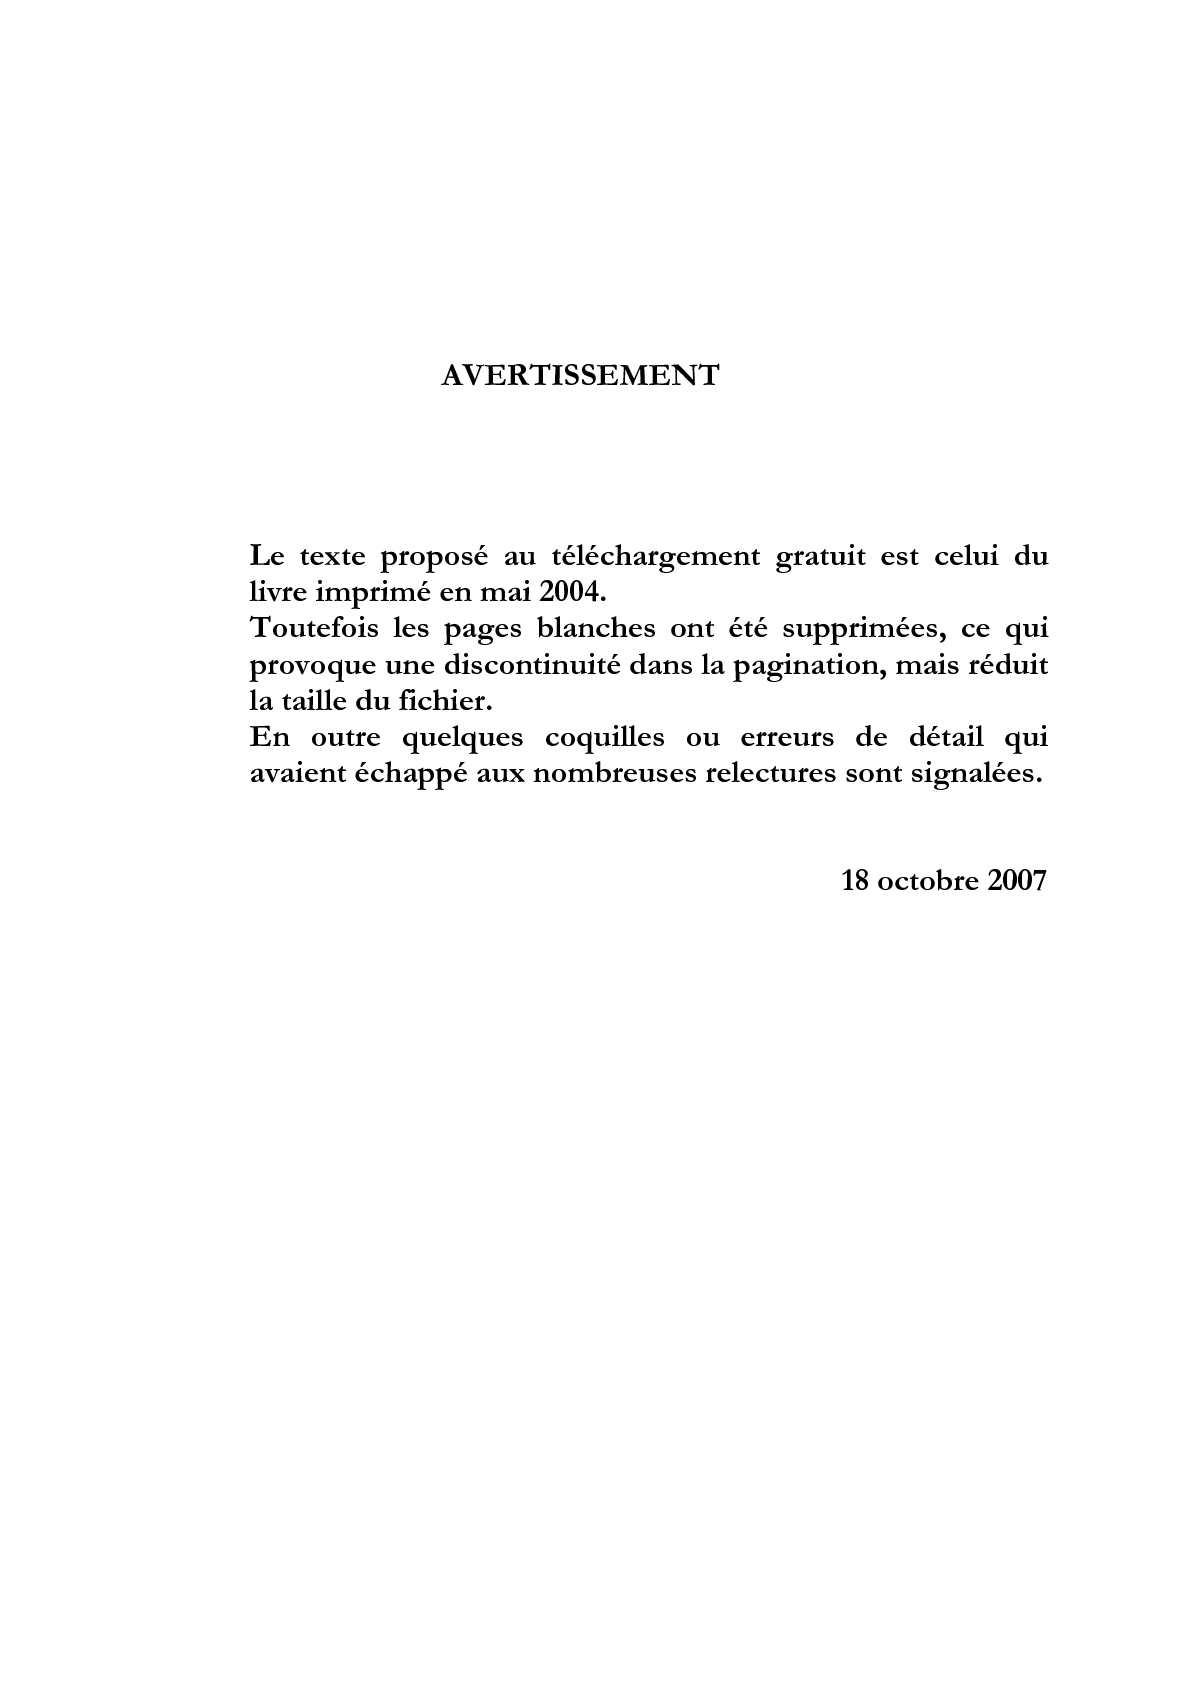 TÉLÉCHARGER SONNERIE DES RICOCHETS GRATUIT